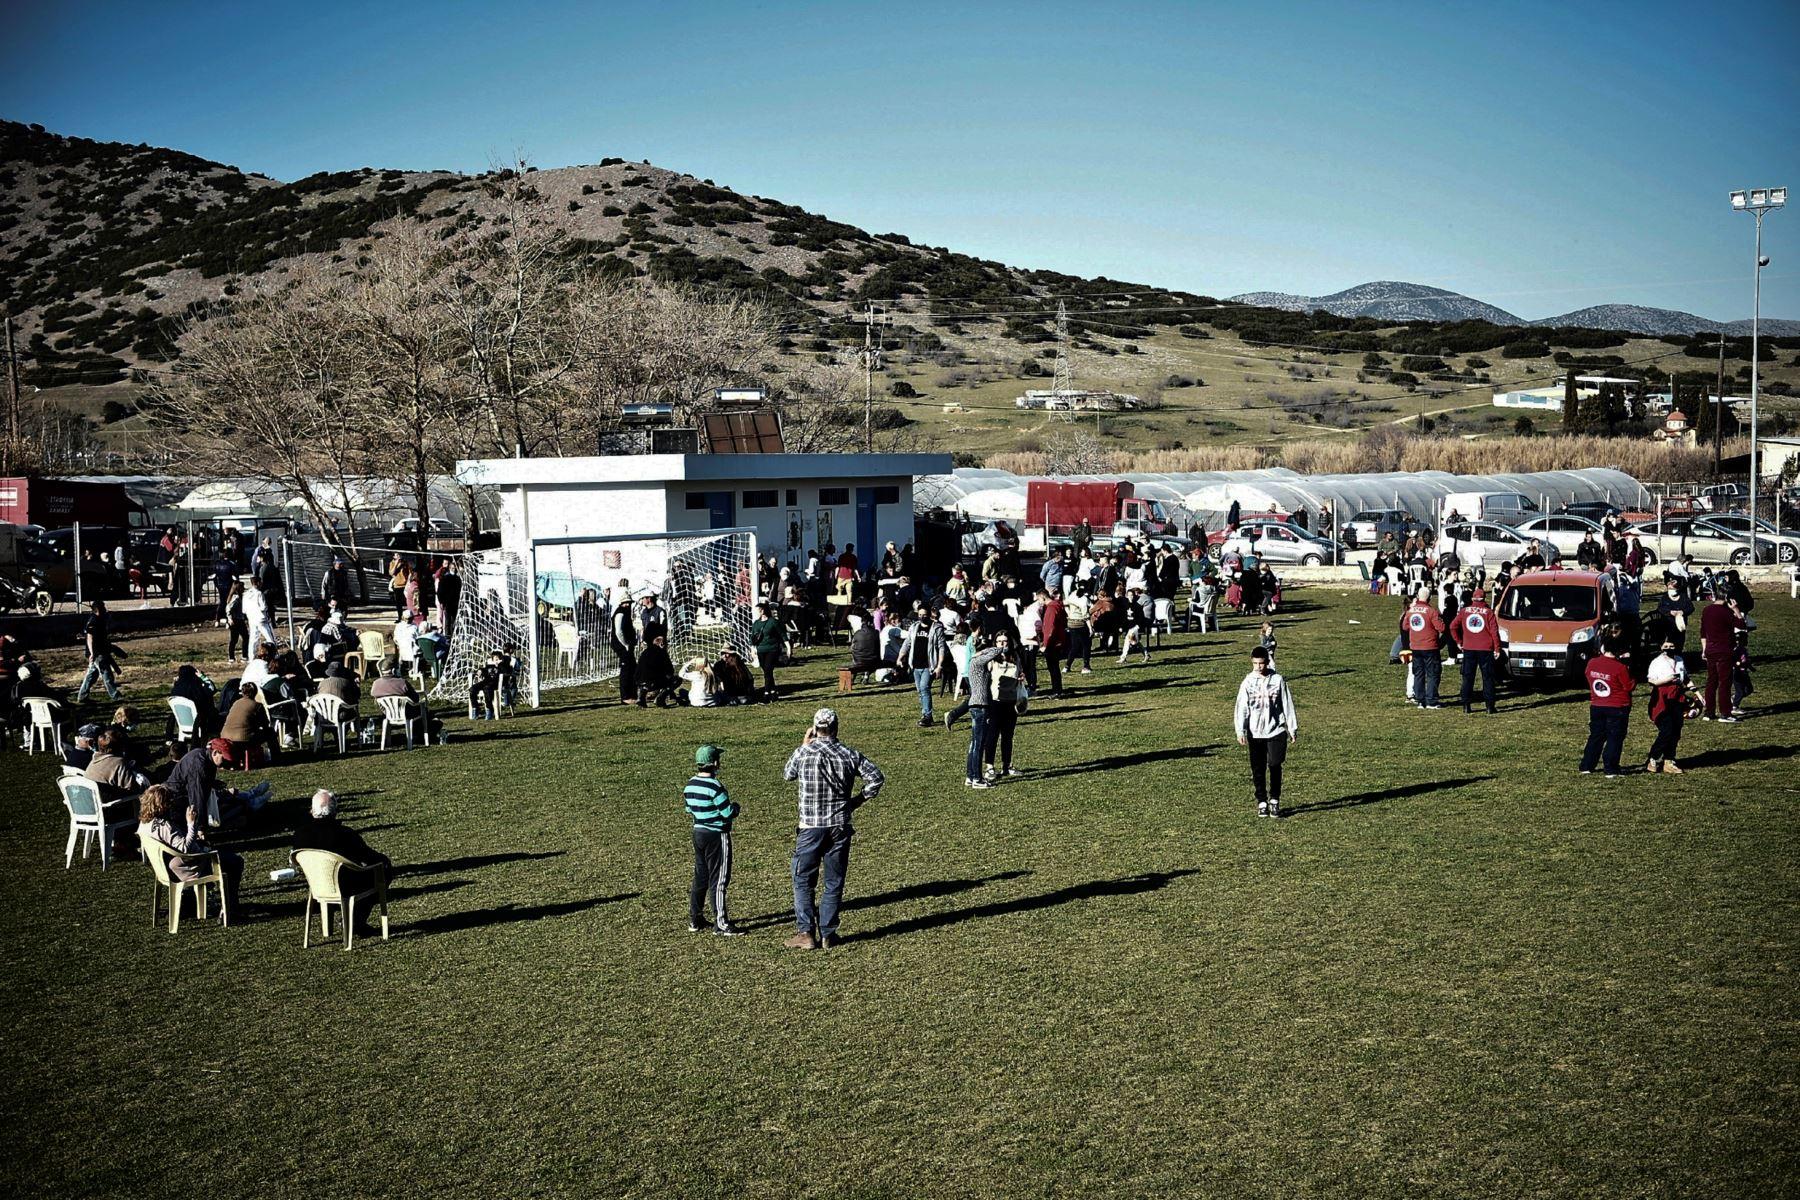 Los habitantes se reúnen en un estadio de fútbol en la aldea de Damasi, cerca de la ciudad de Tyrnavos, después que un fuerte sismo de magnitud 6,3 azotara la región central griega de Tesalia. Foto: AFP